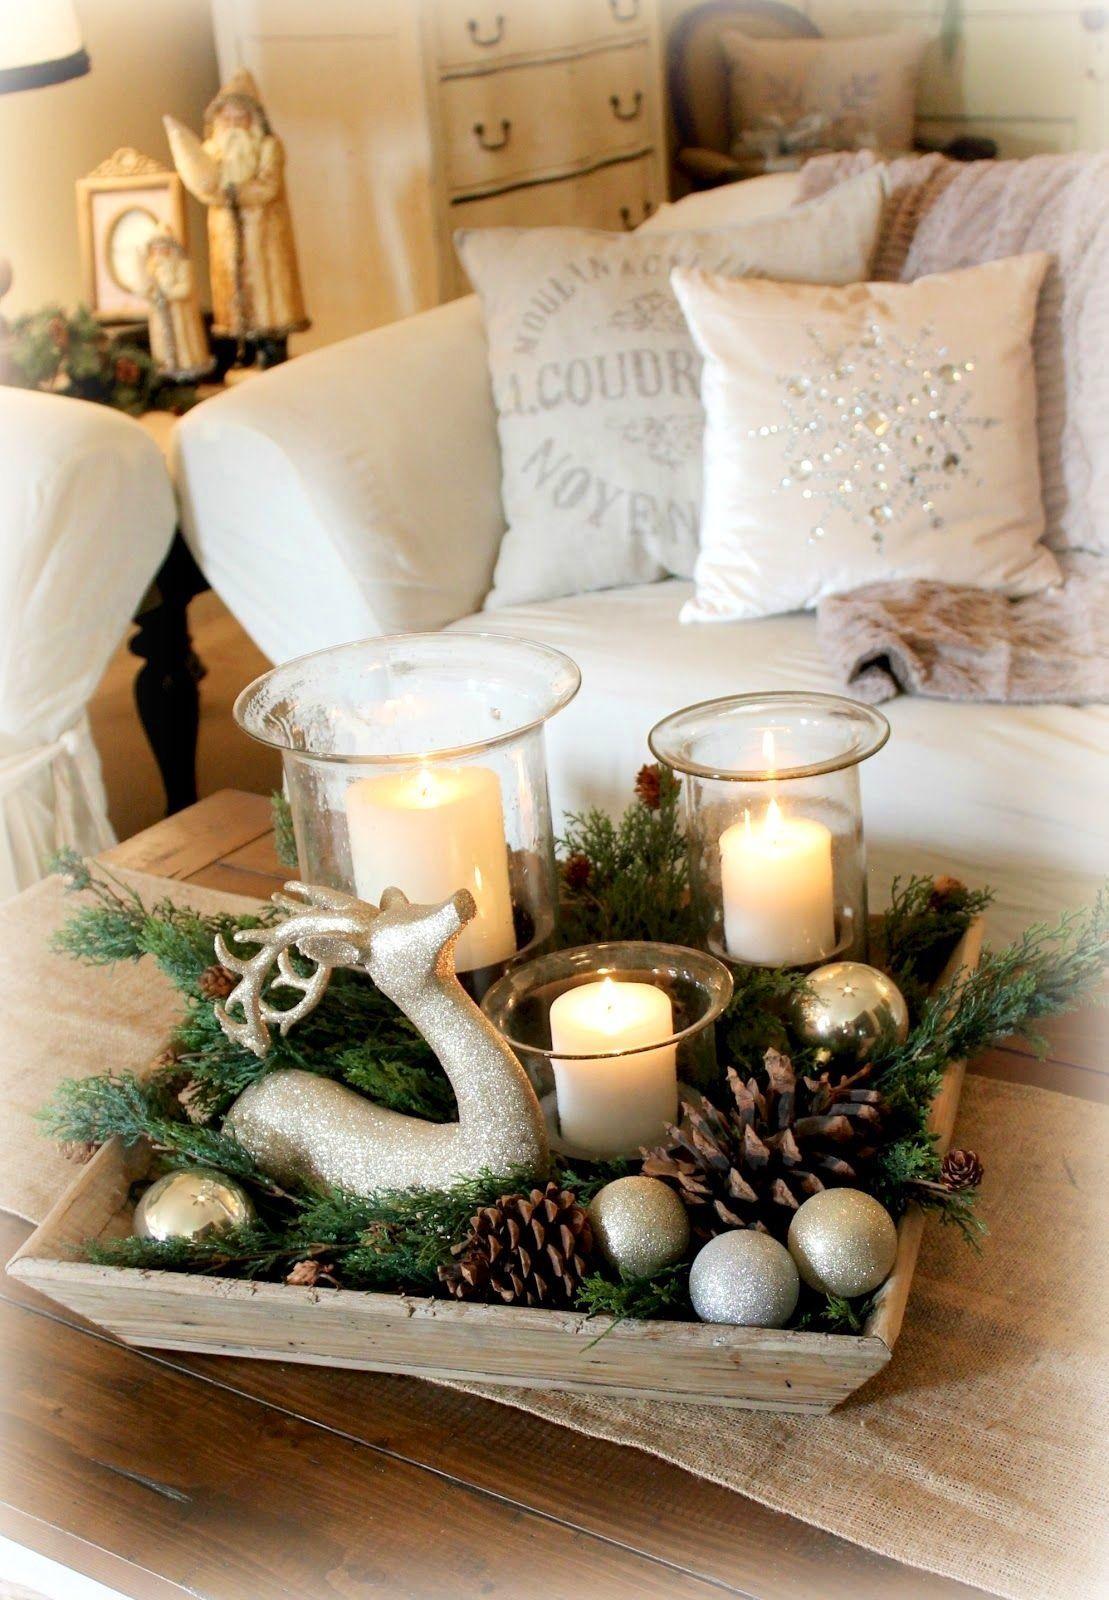 Pin de Mia Koehler en Christmas   Pinterest   Centros de mesa ...